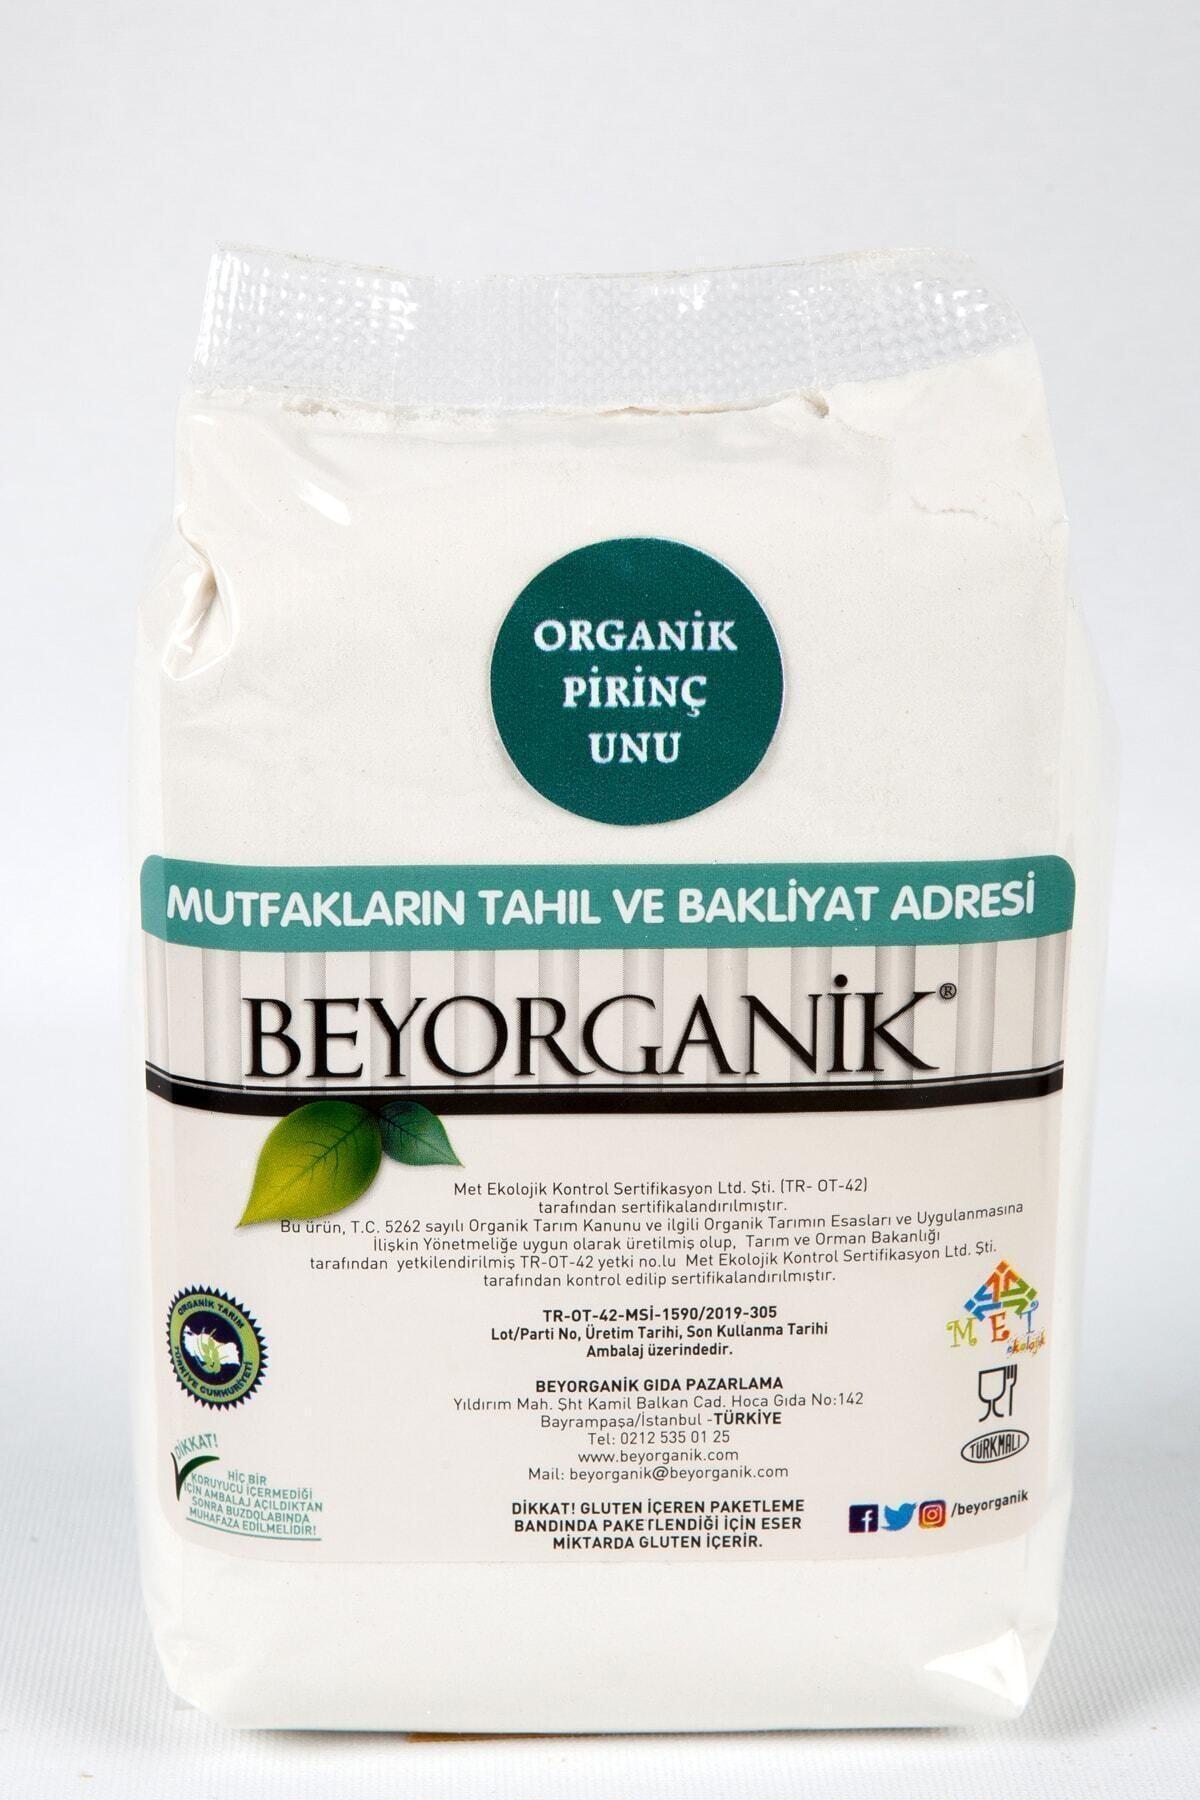 BEYORGANİK Organik Pirinç Unu 500 gr 1